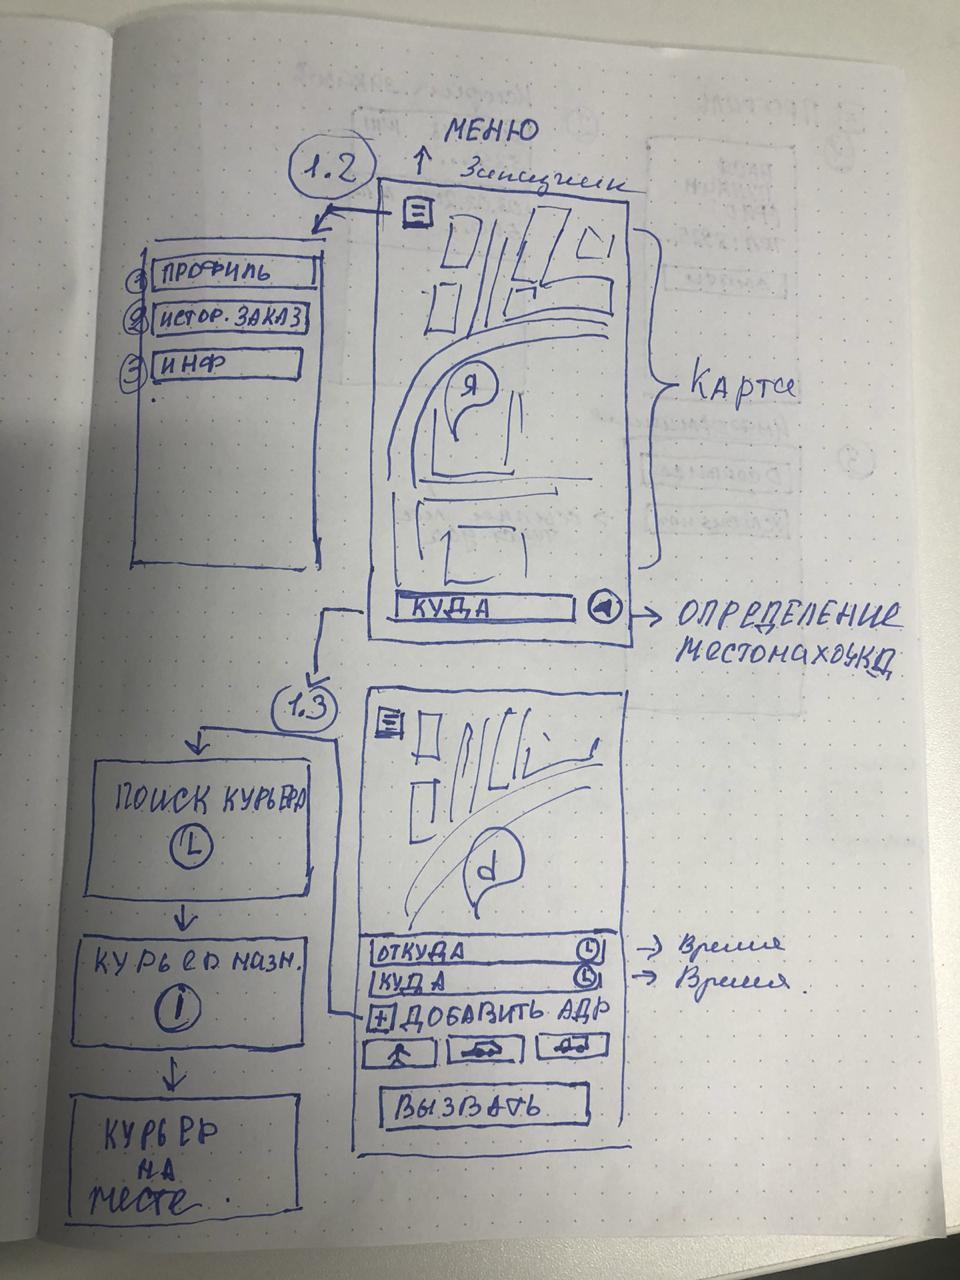 Интерфейс Fierly Express Сайт Артура Нецветаева — сайты, приложения, прототипы и оформление интерфейсов f10424cf eea7 4c22 af61 9c8d104c306e